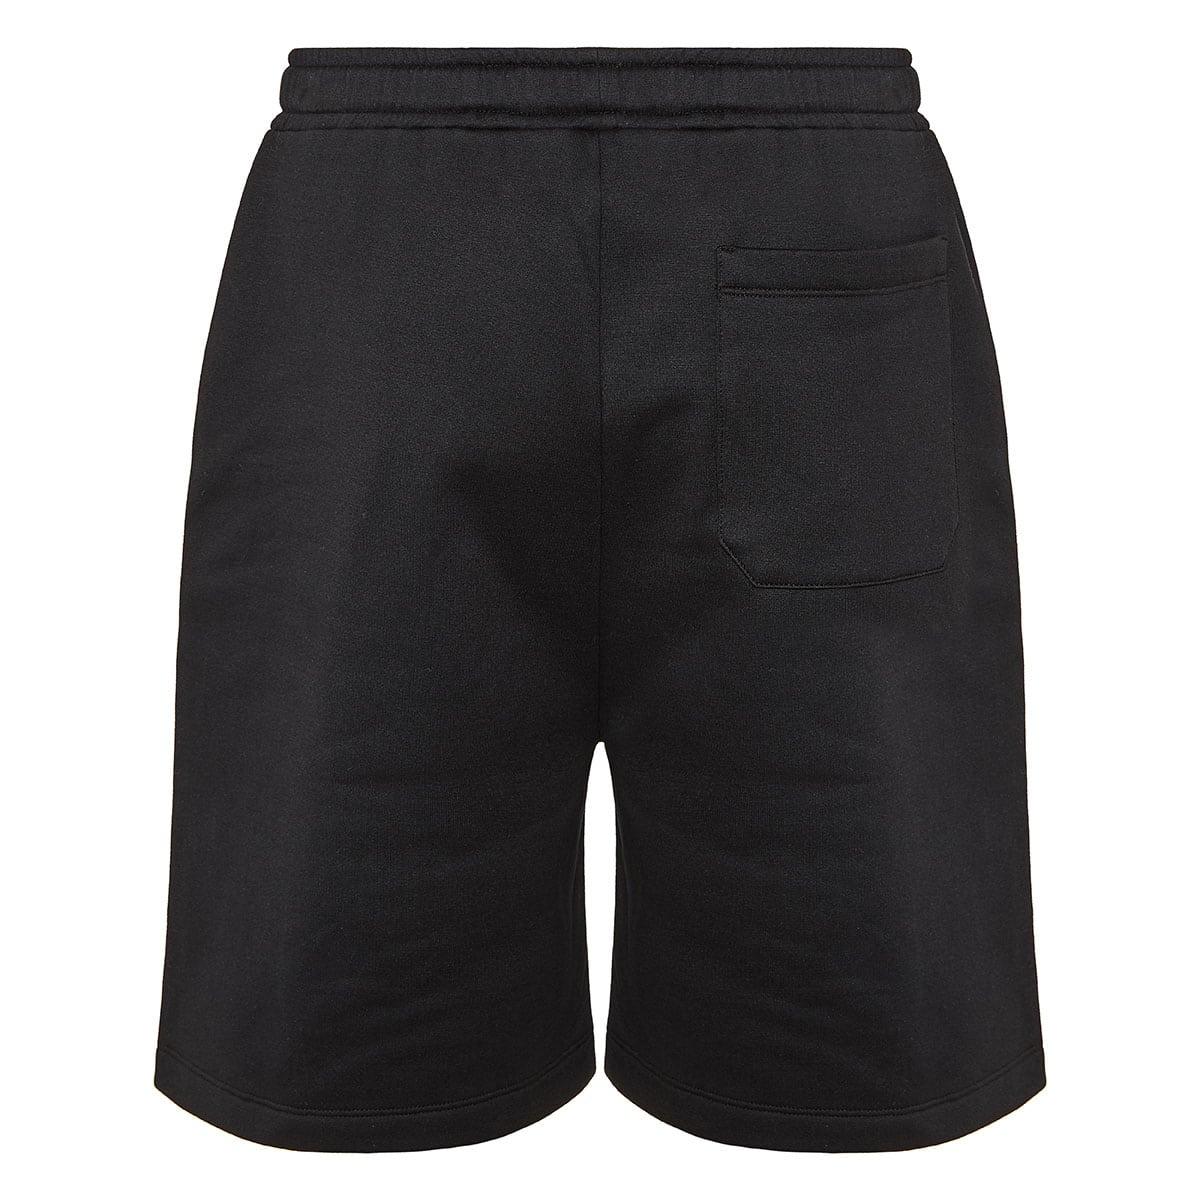 VLOGO track shorts